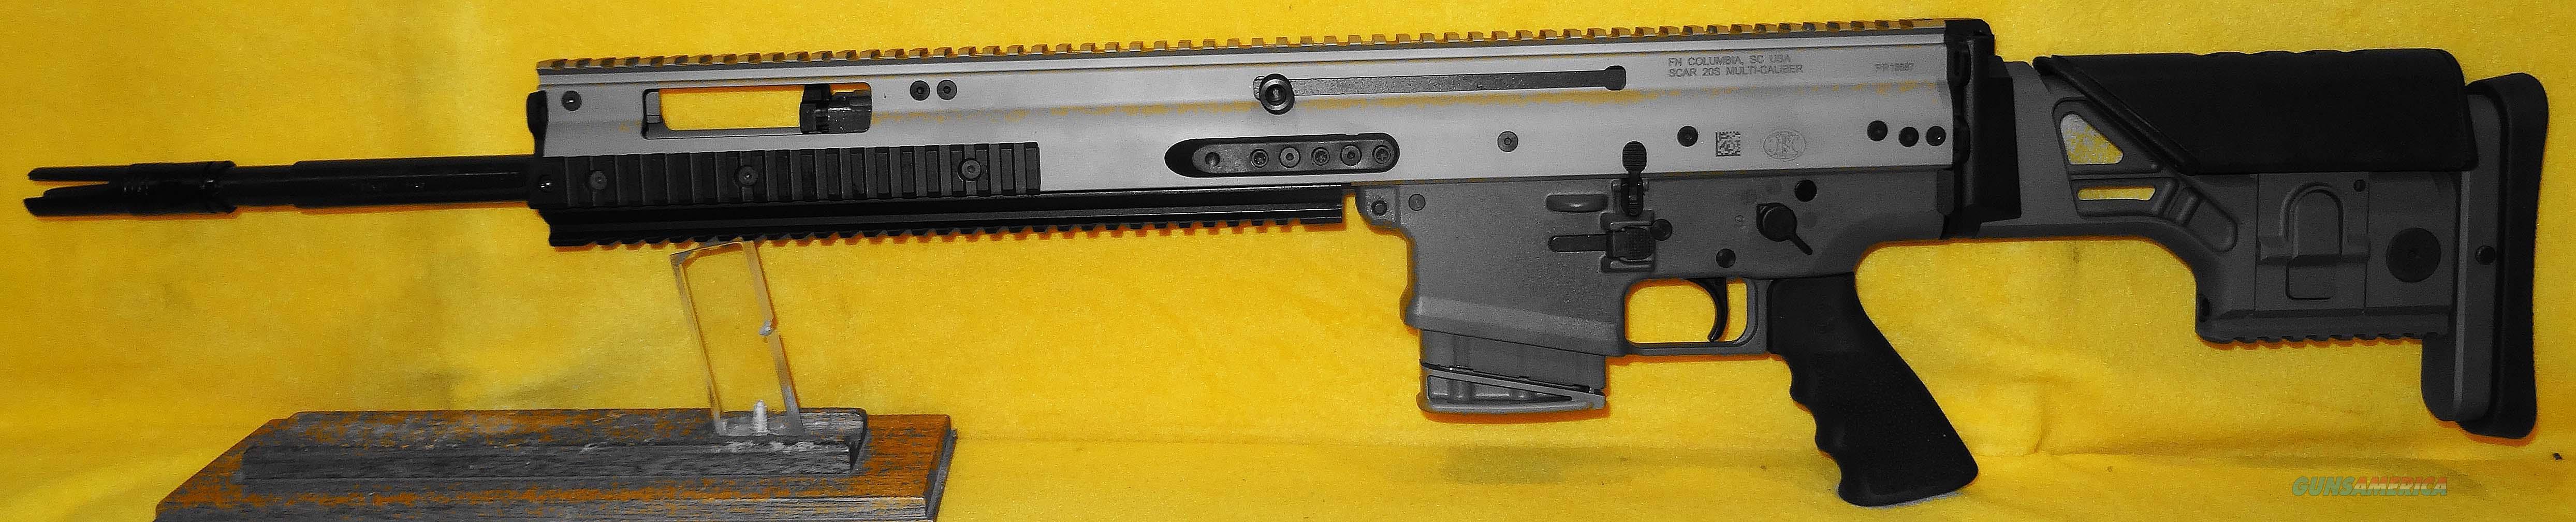 FN SCAR 20S  Guns > Rifles > FNH - Fabrique Nationale (FN) Rifles > Semi-auto > SCAR